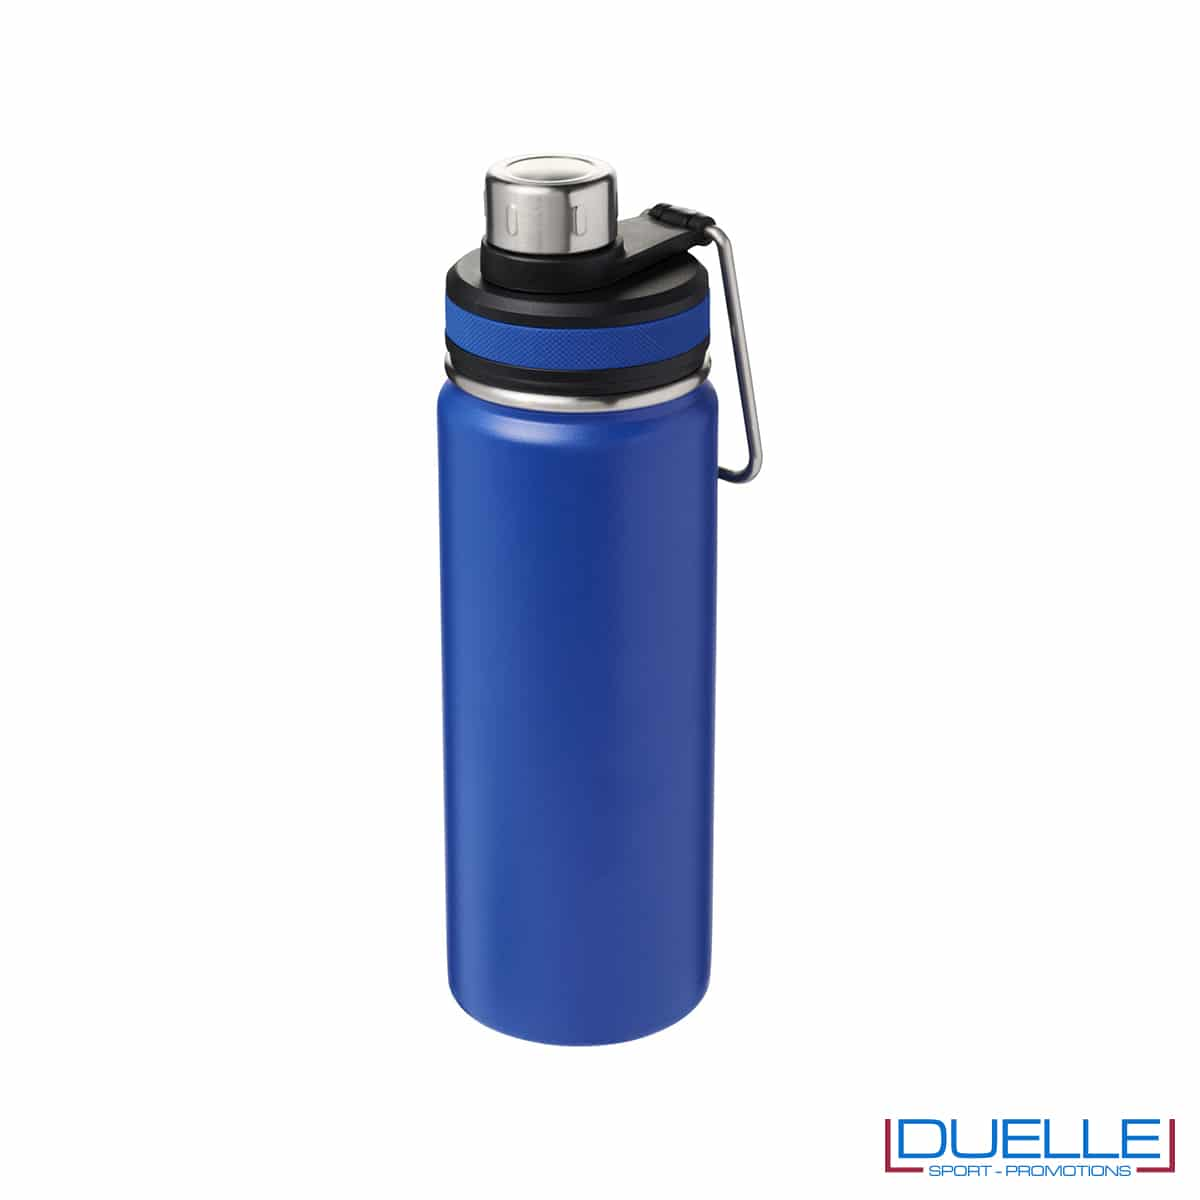 Borraccia termica sportiva 590 ml con manico per trasporto colore blu